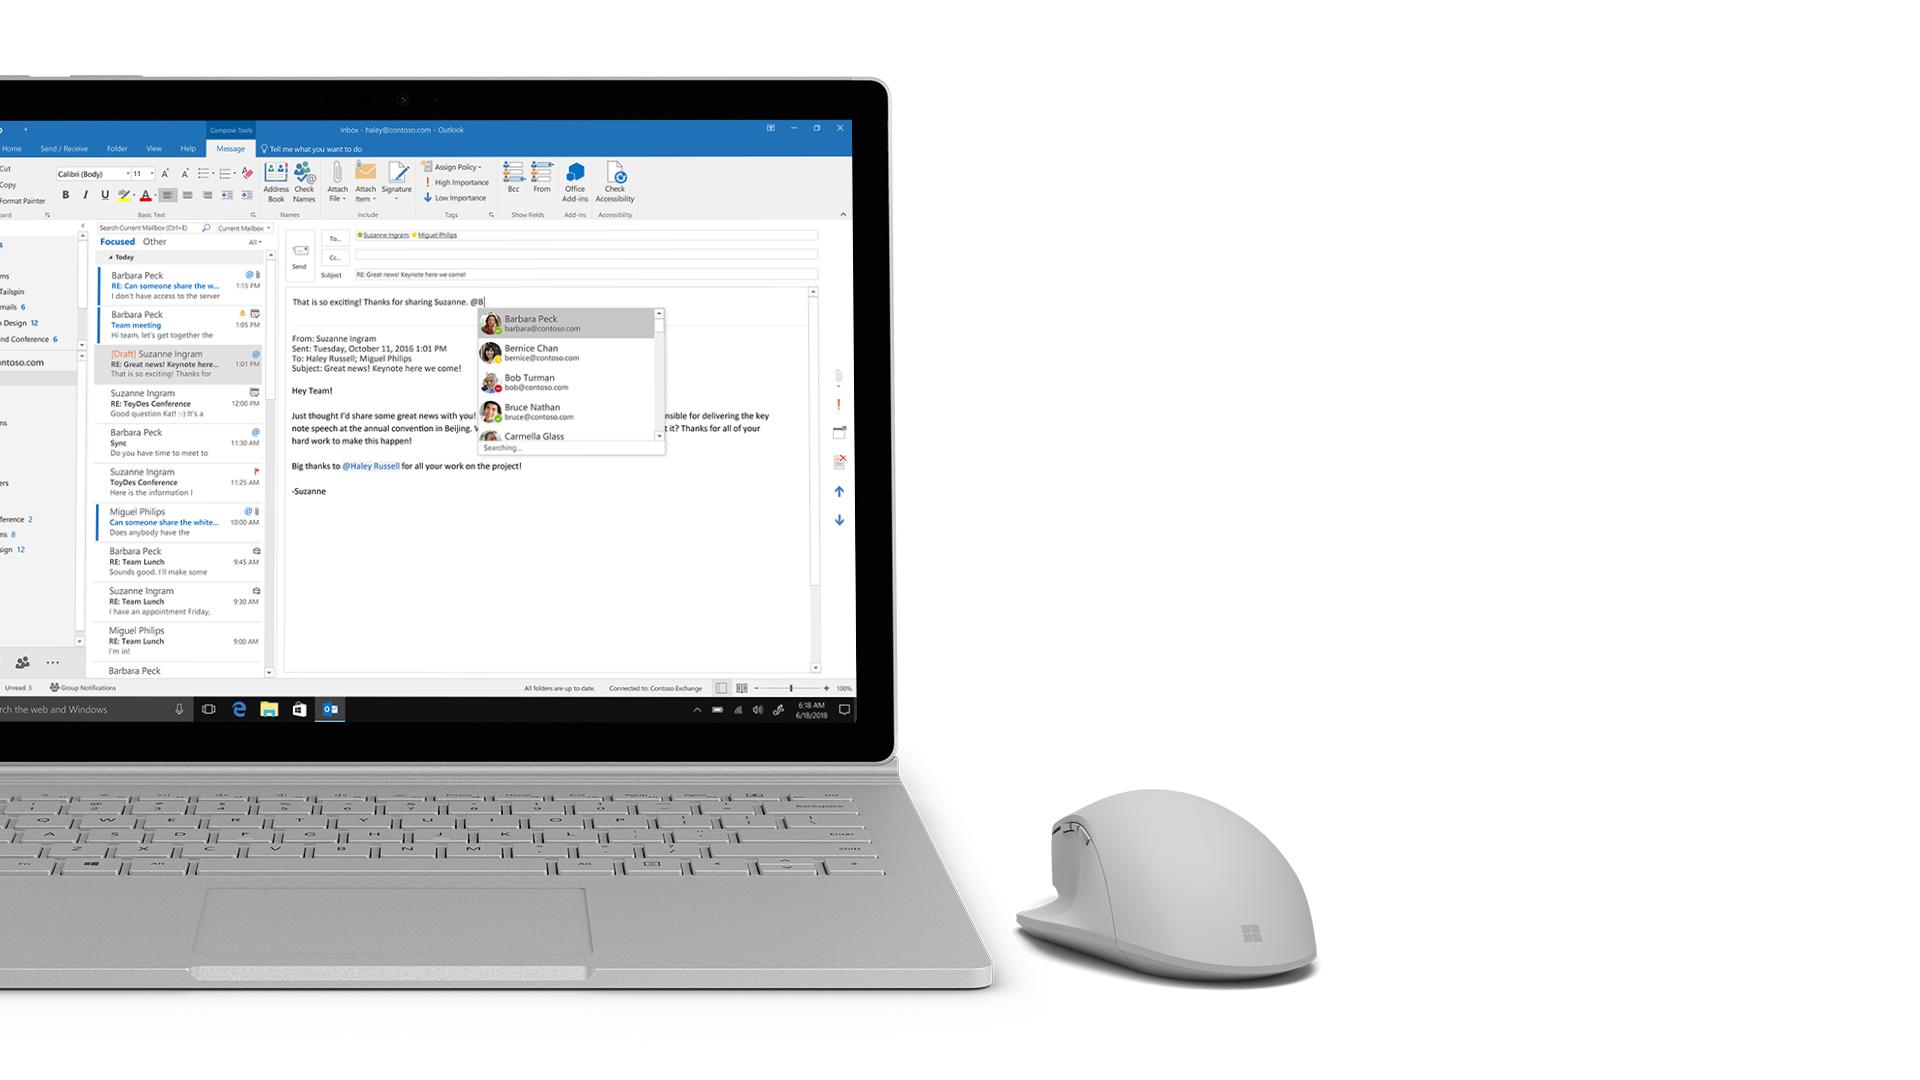 Écran d'Outlook sur une Surface.